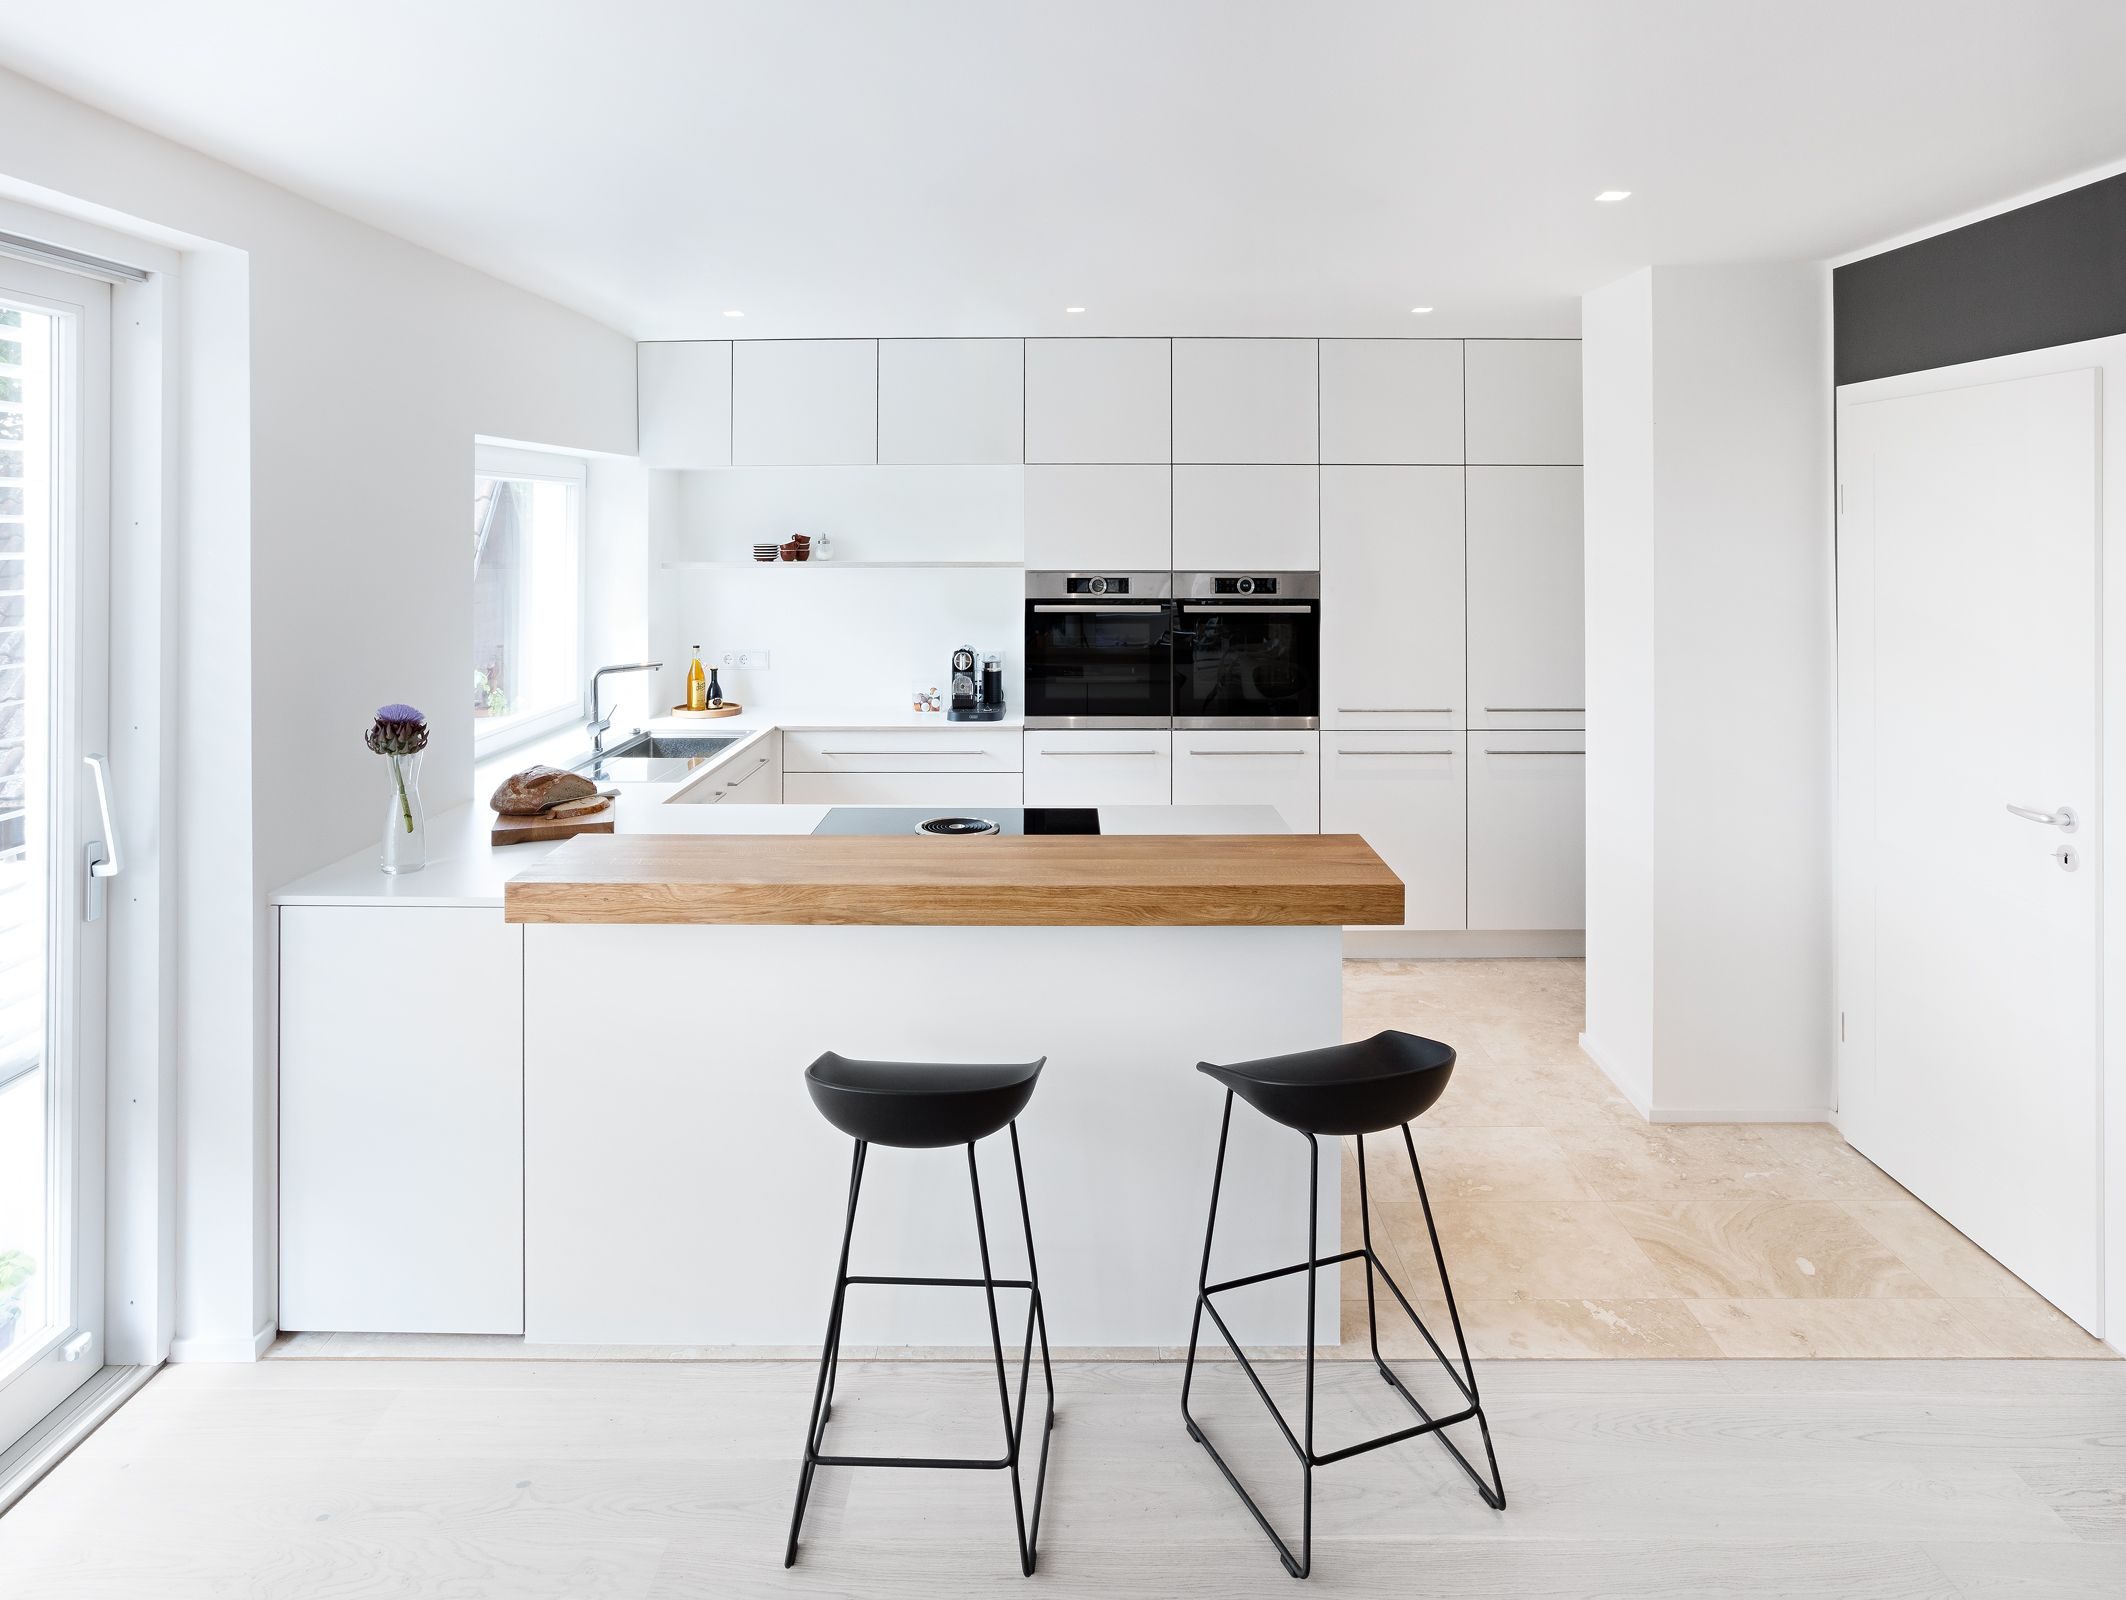 Nett Senior Kücheentwerfer Jobs Yorkshire Galerie - Ideen Für Die ...